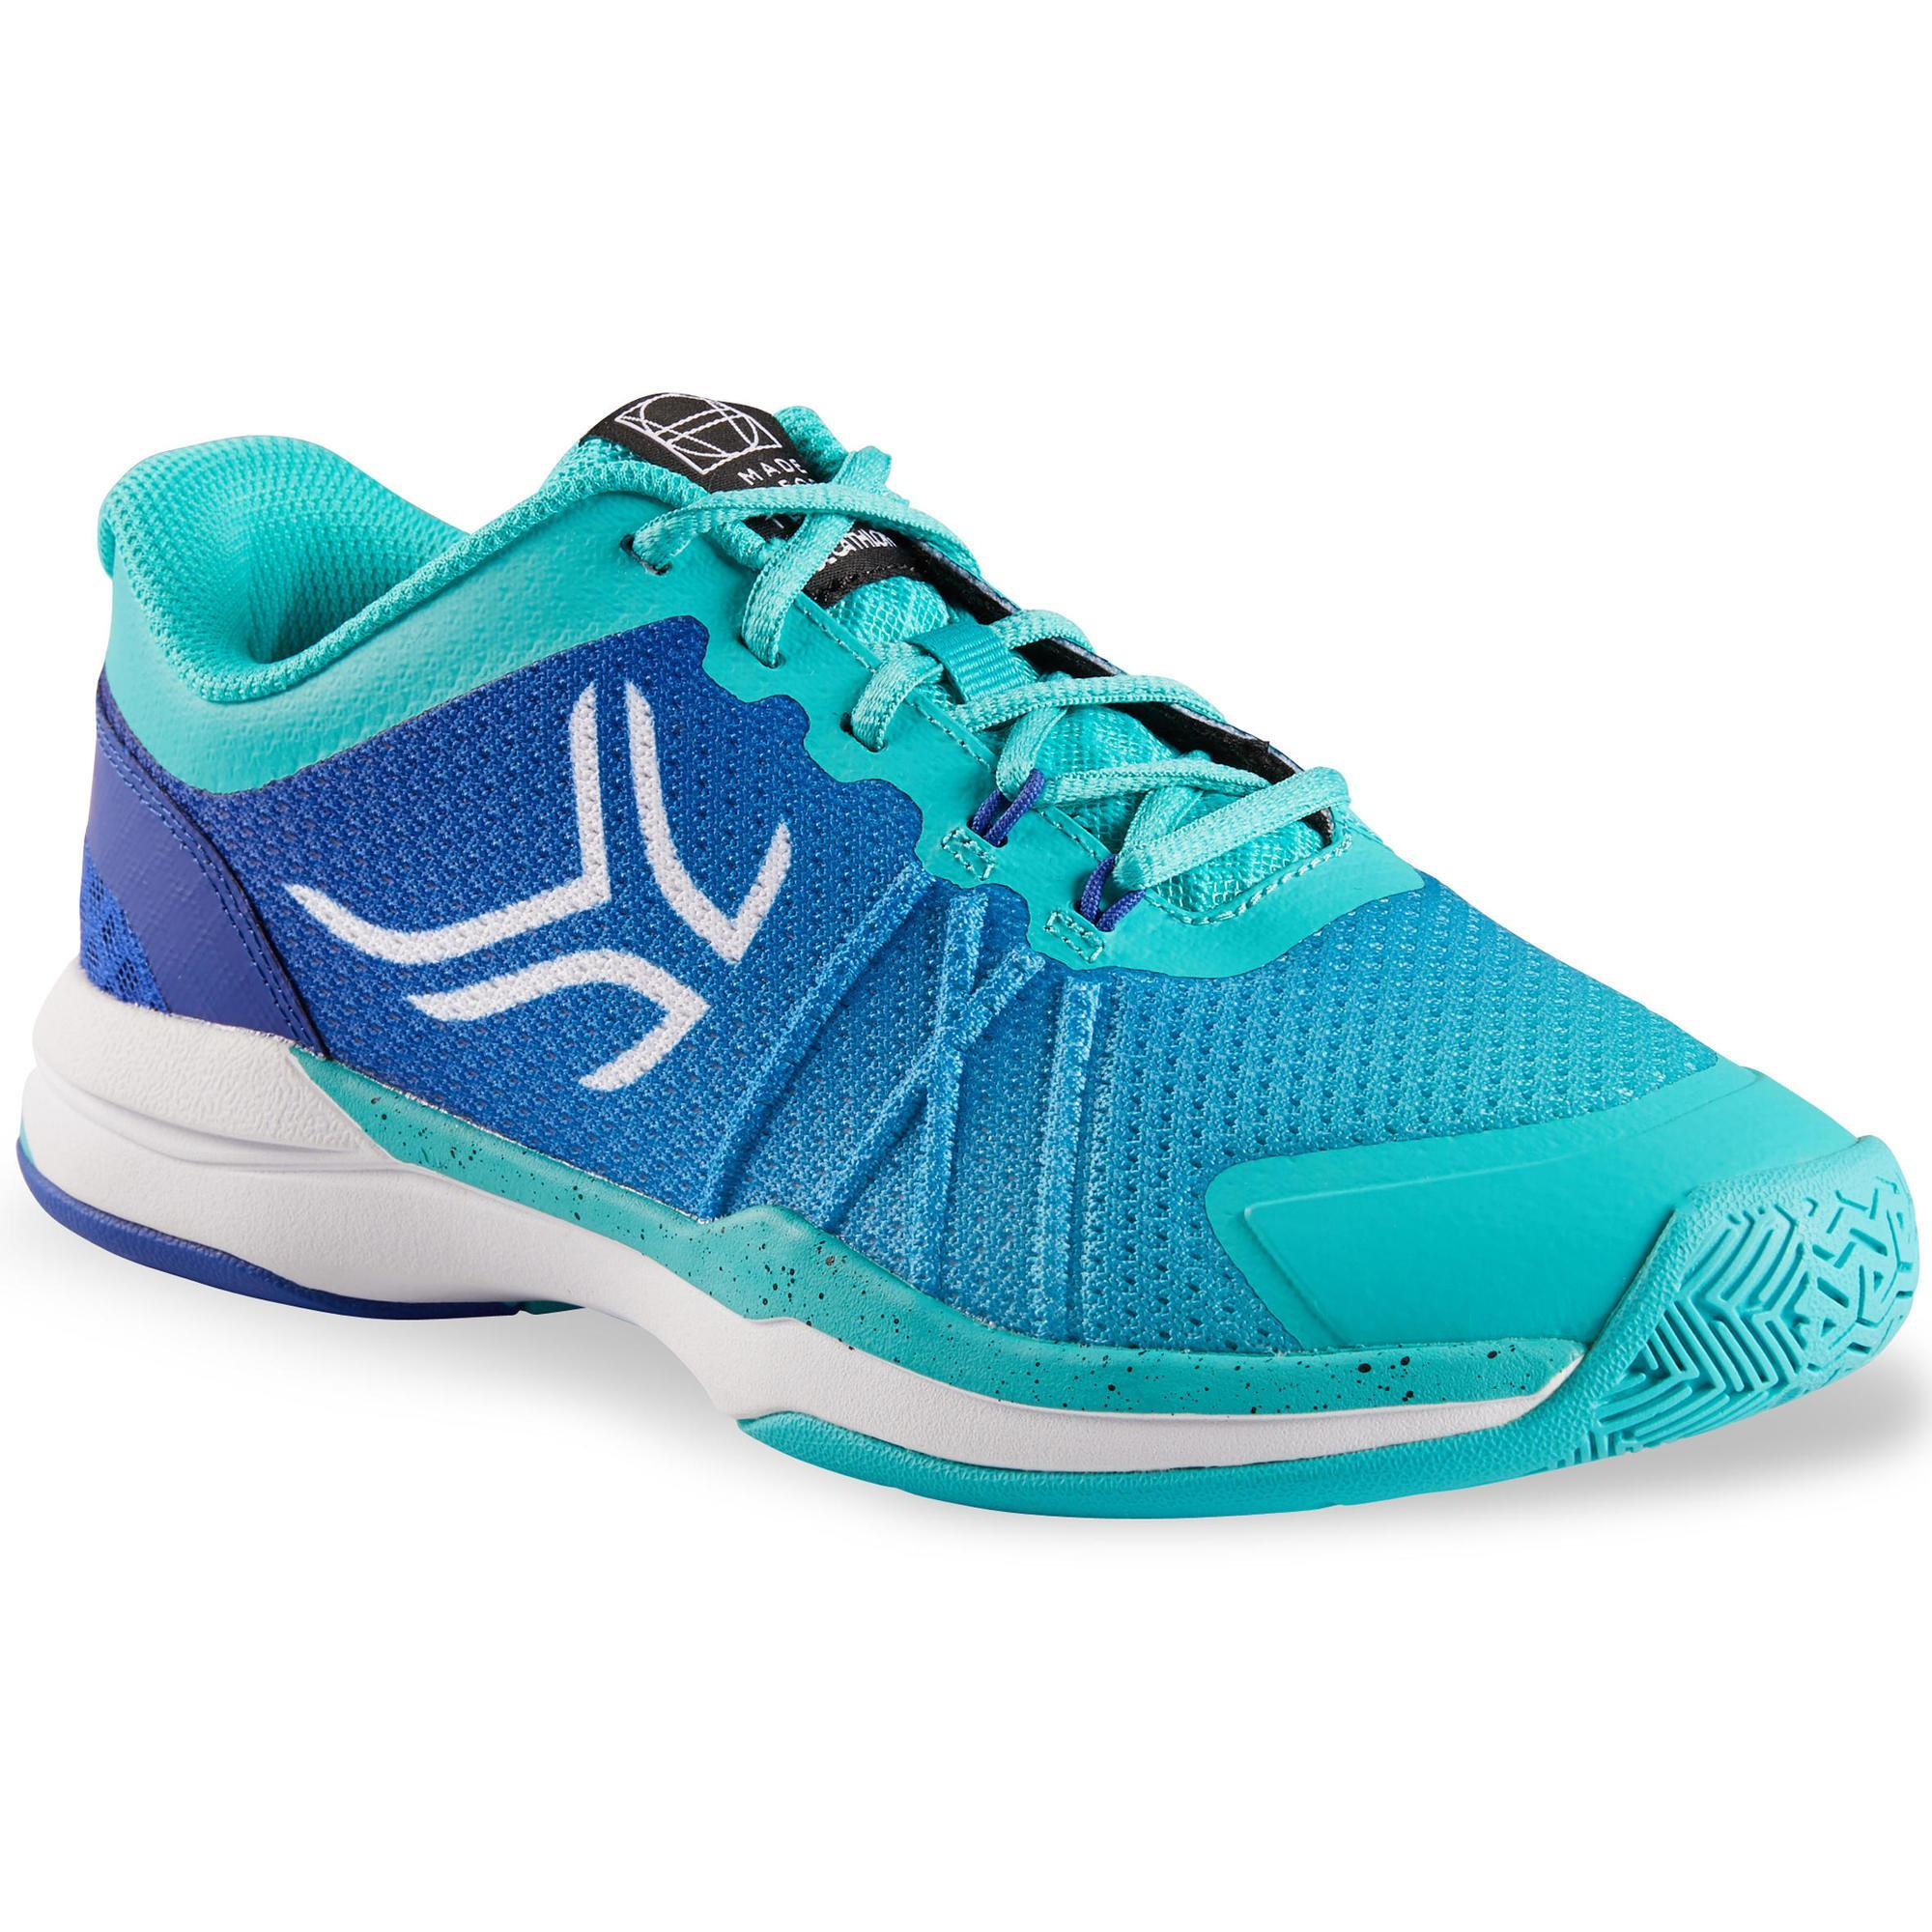 Tennisschuhe TS590 Damen | Schuhe > Sportschuhe > Tennisschuhe | Artengo